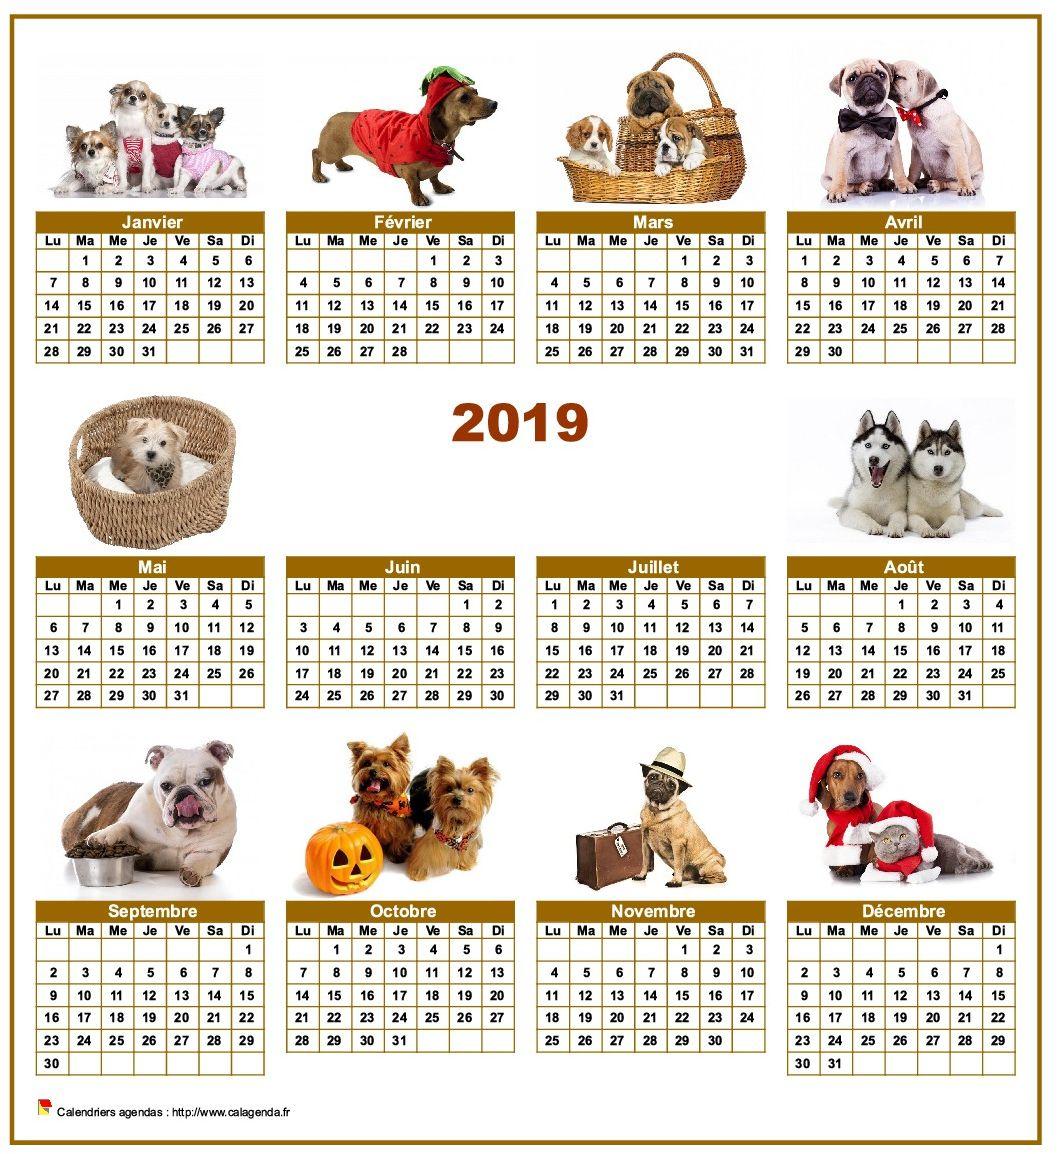 Calendrier 2019 annuel spécial 'chiens' avec 10 photos